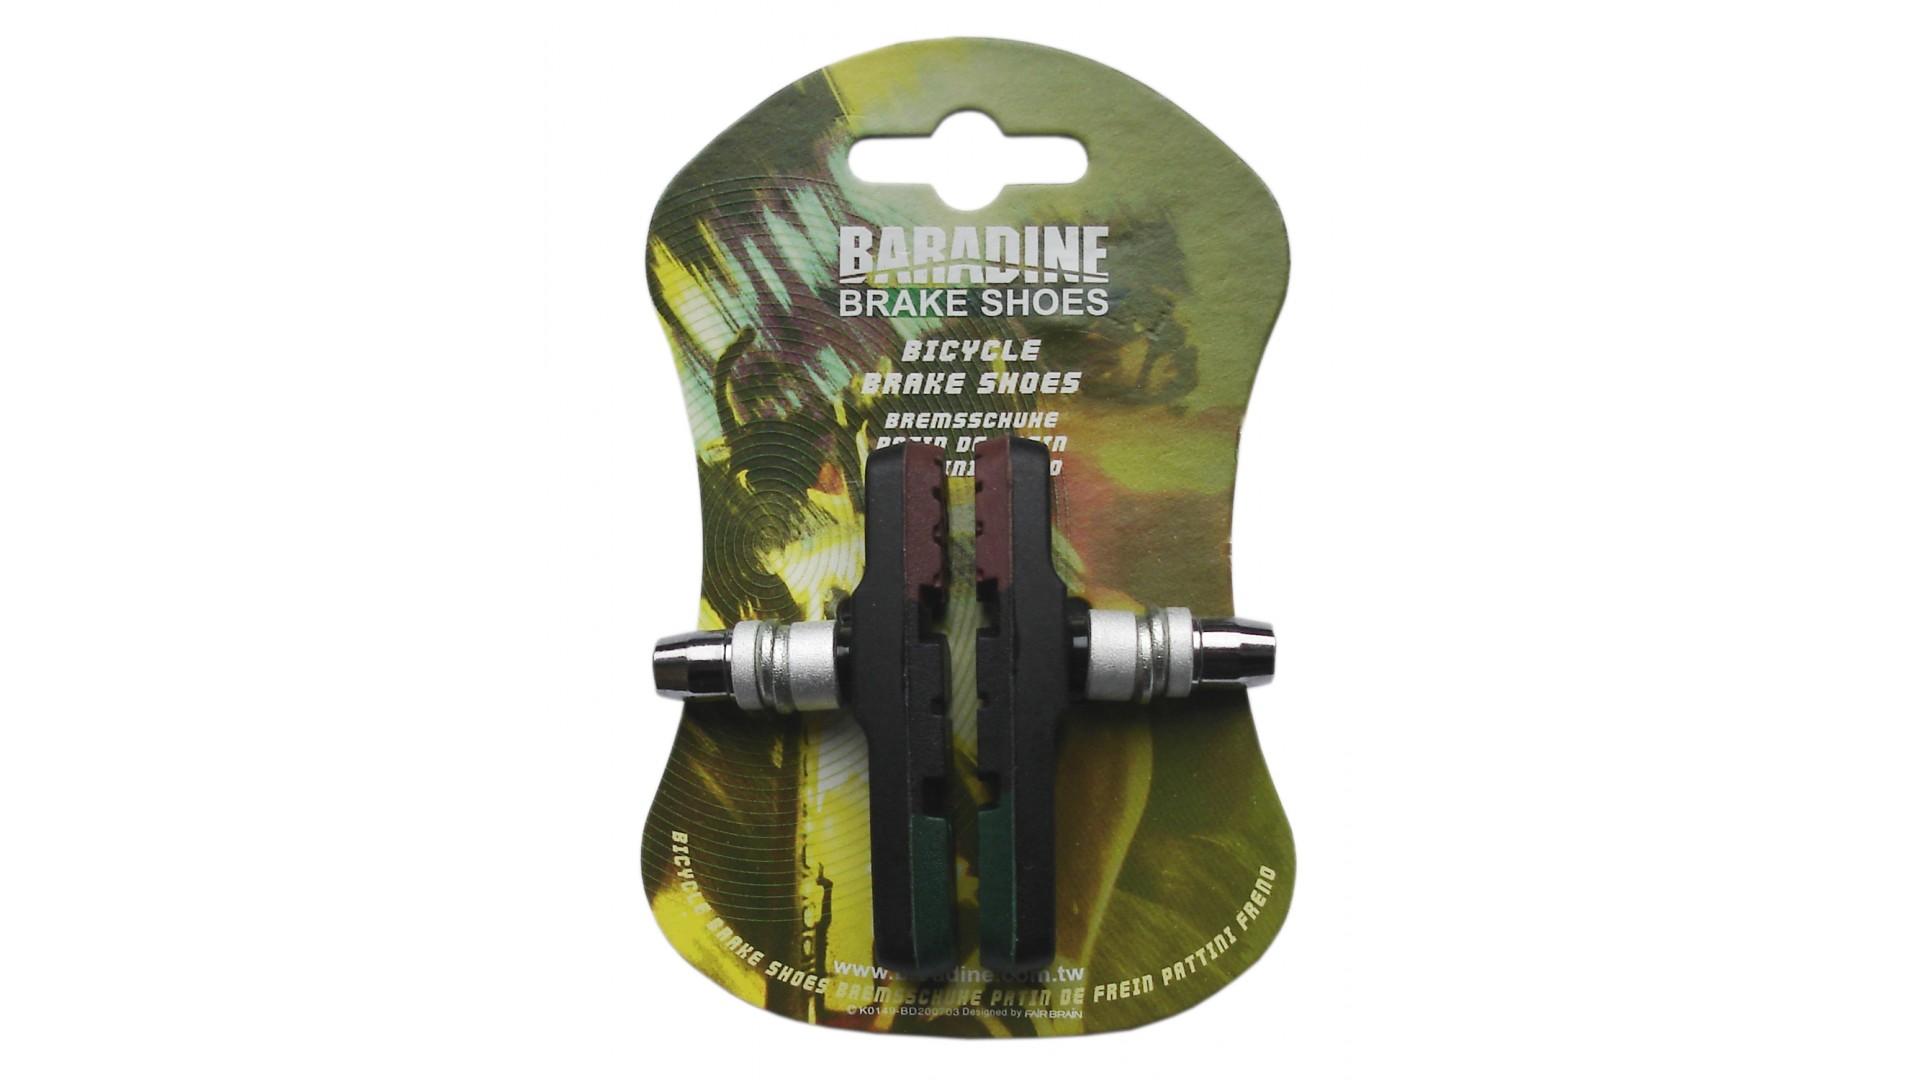 Тормозные колодки V-br Baradine (960V) МТВ, 3 цвета